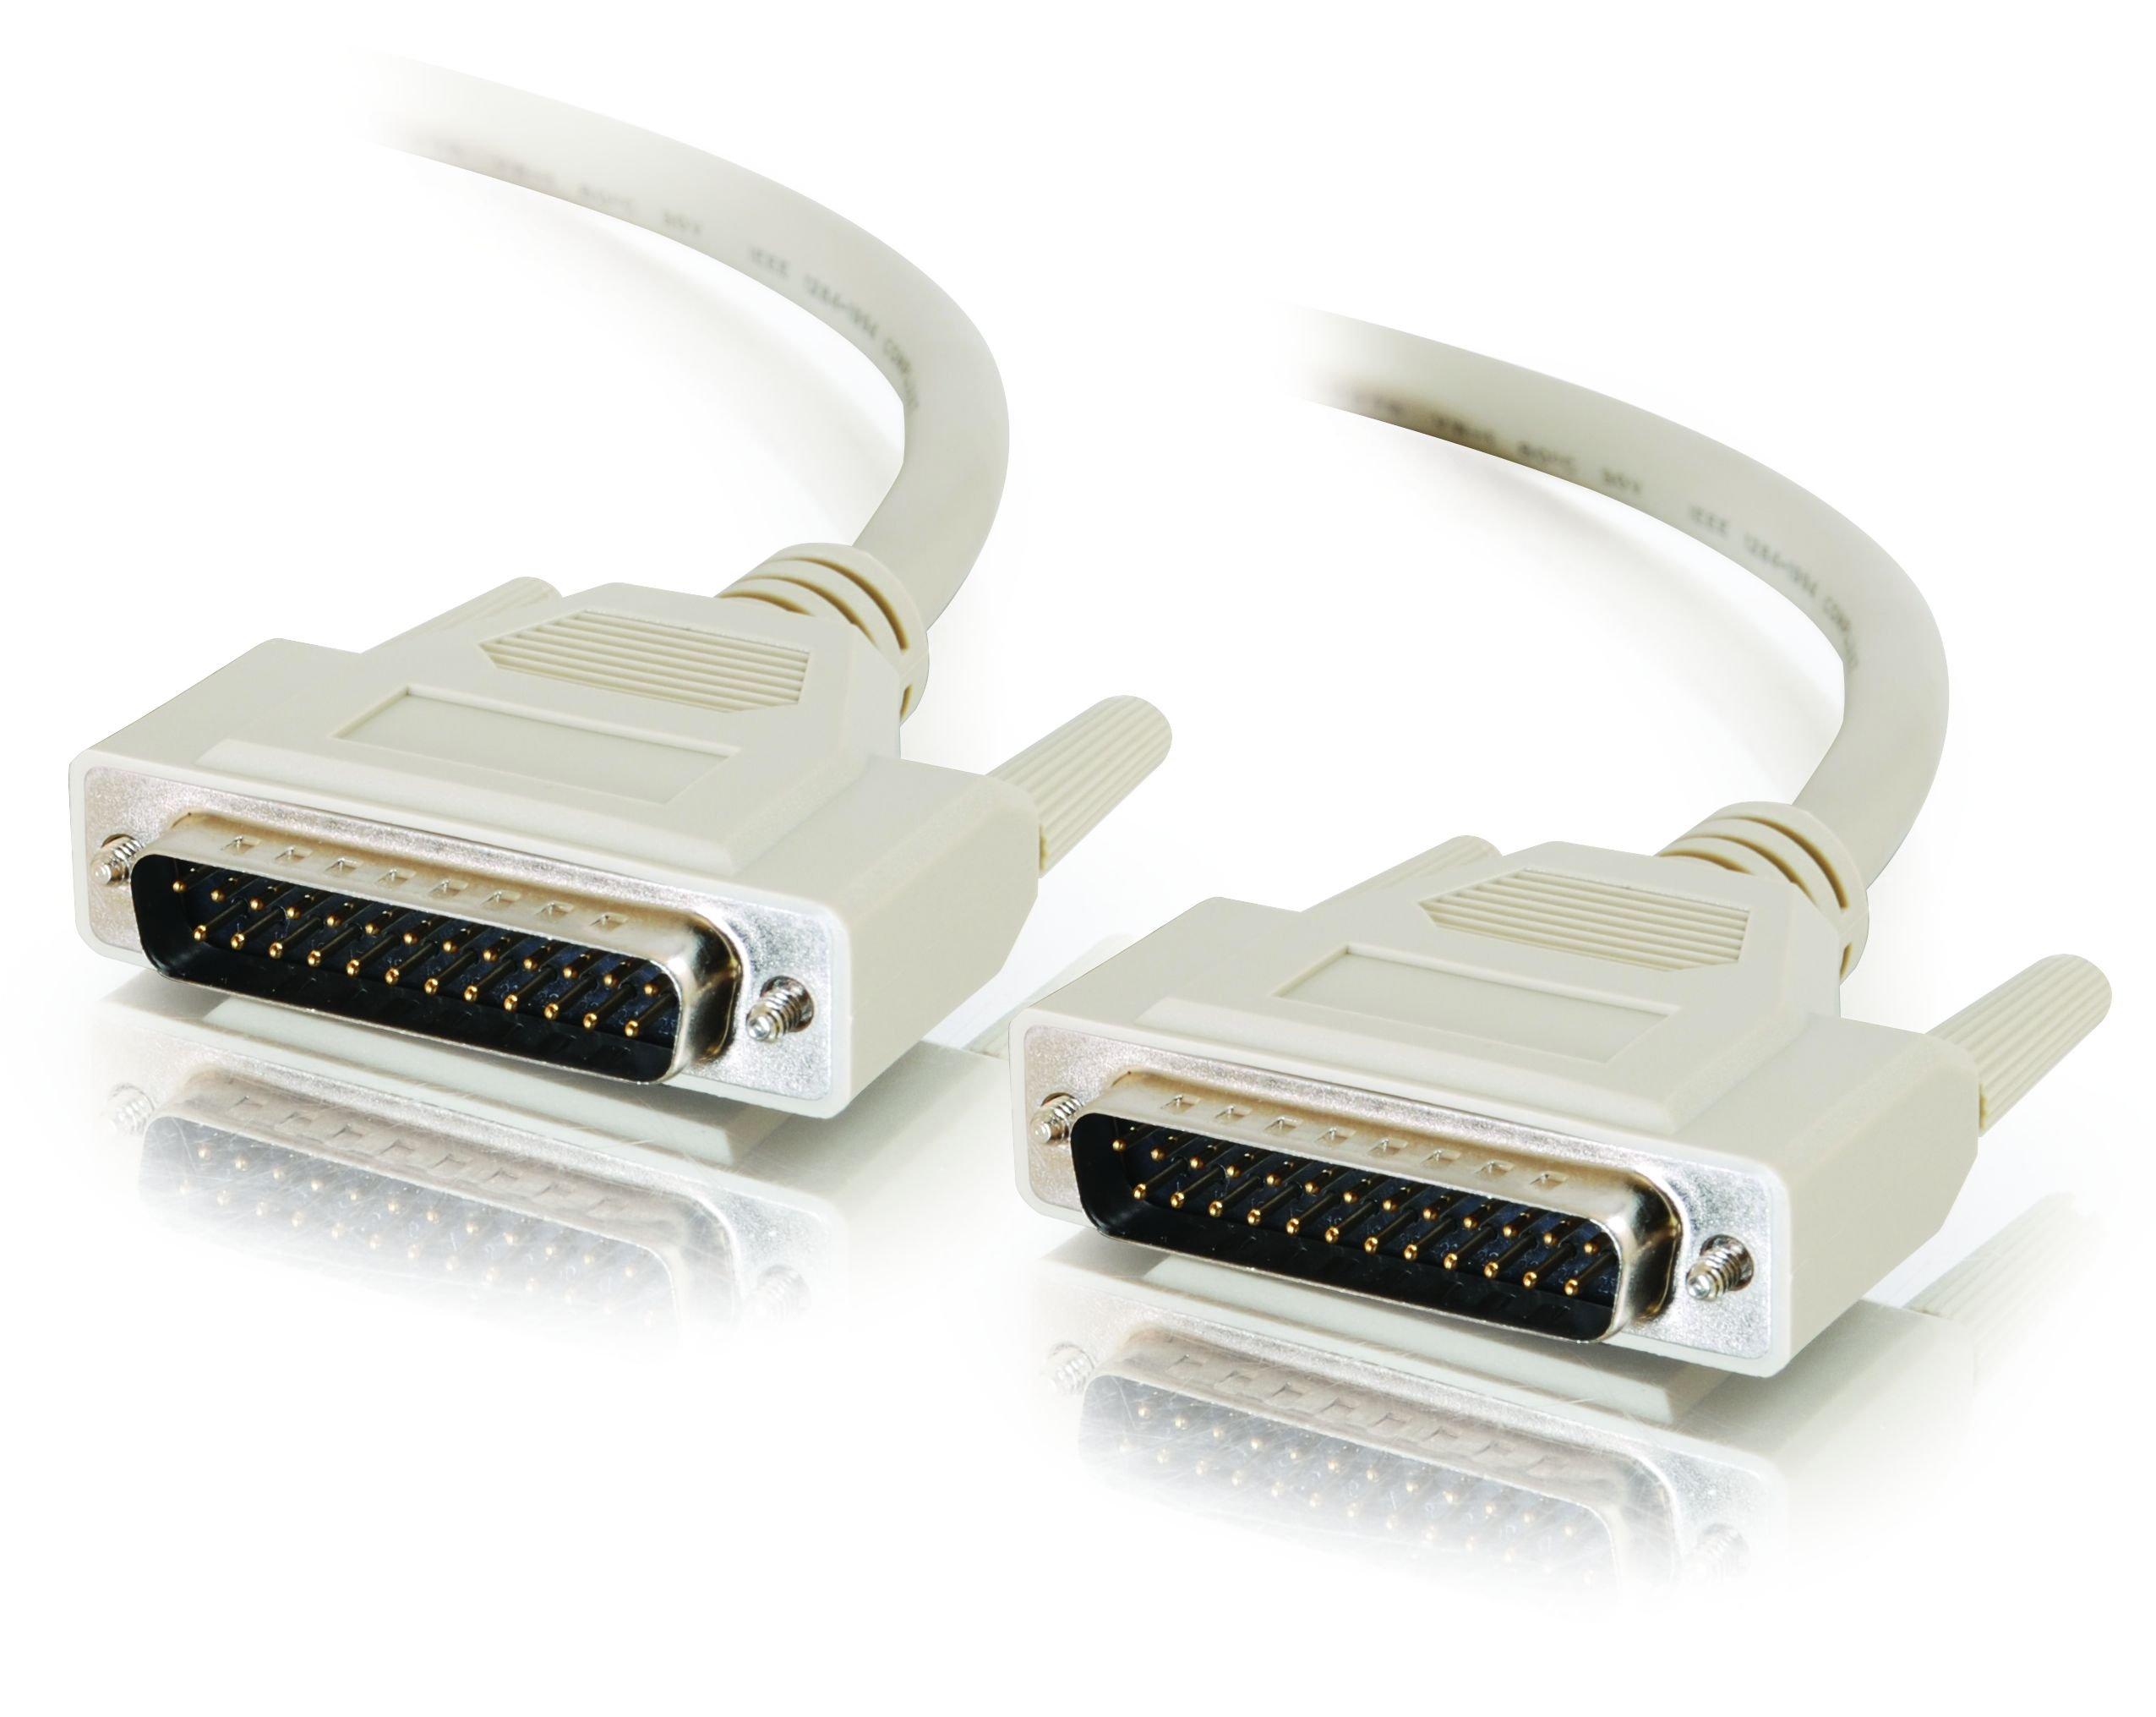 C2G 06103 IEEE-1284 DB25 M/M Parallel Cable, Beige (6 Feet, 1.82 Meters)